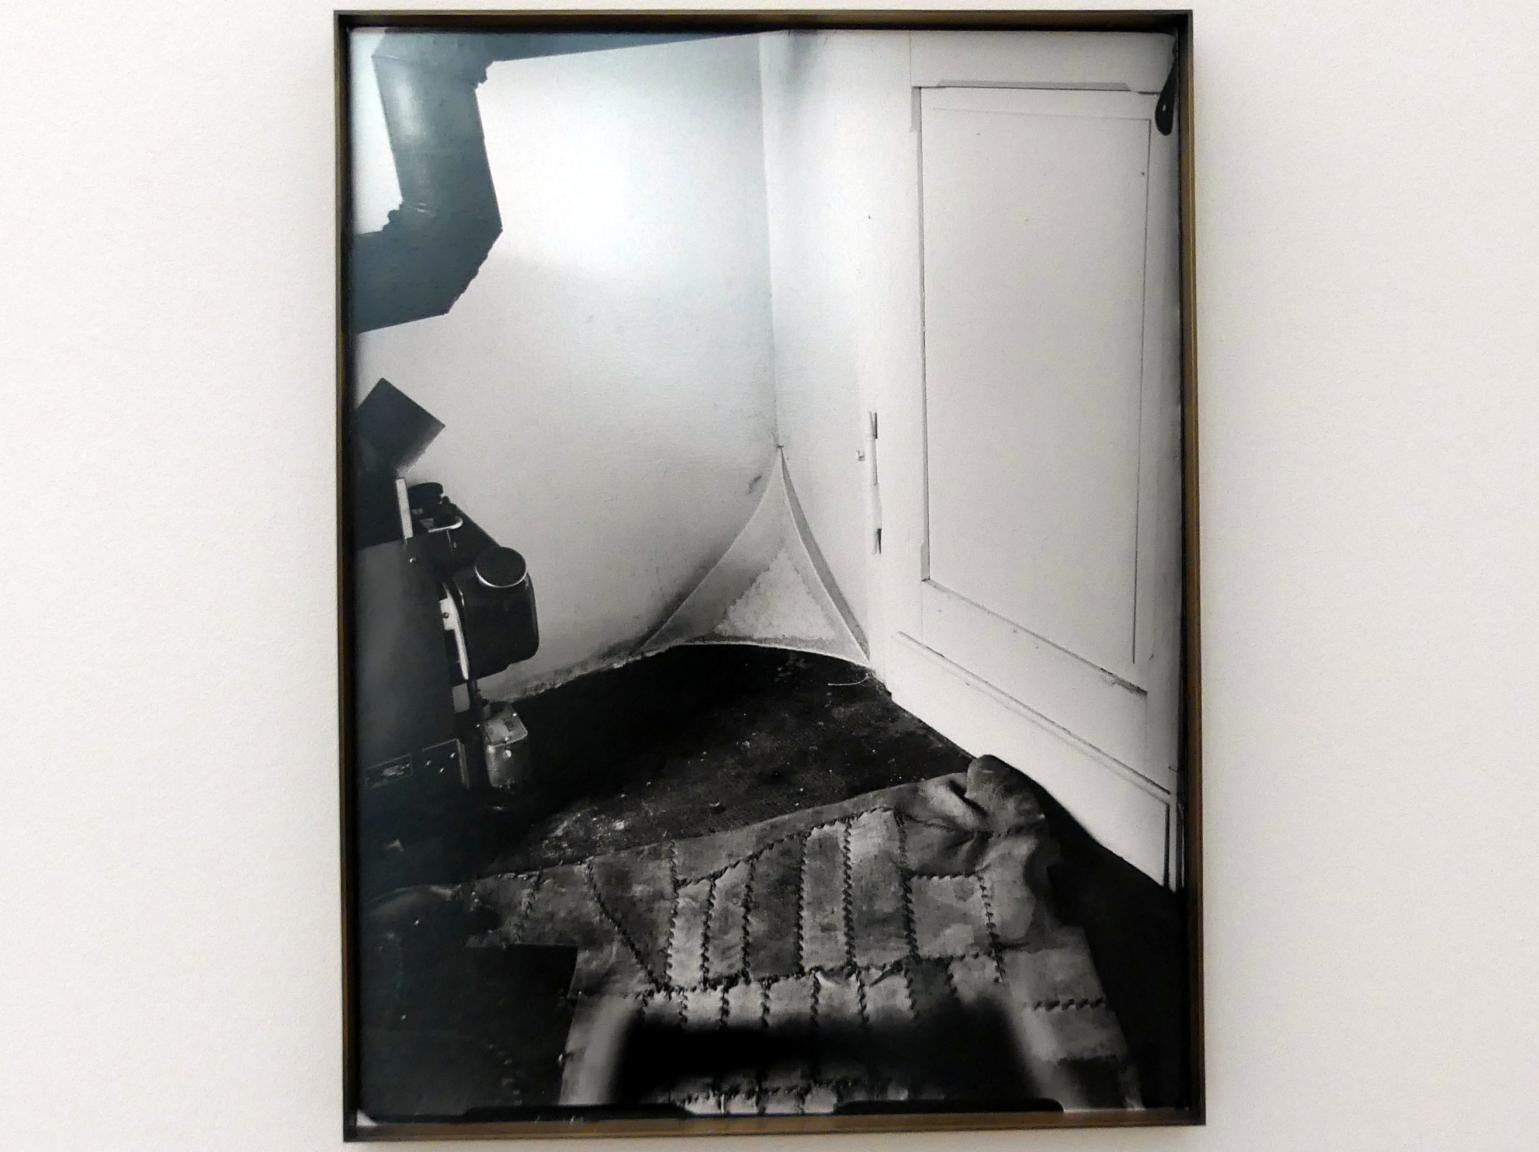 Joseph Beuys: Drei verlorene plastische Situationen: Fettecke mit Filter, 1963